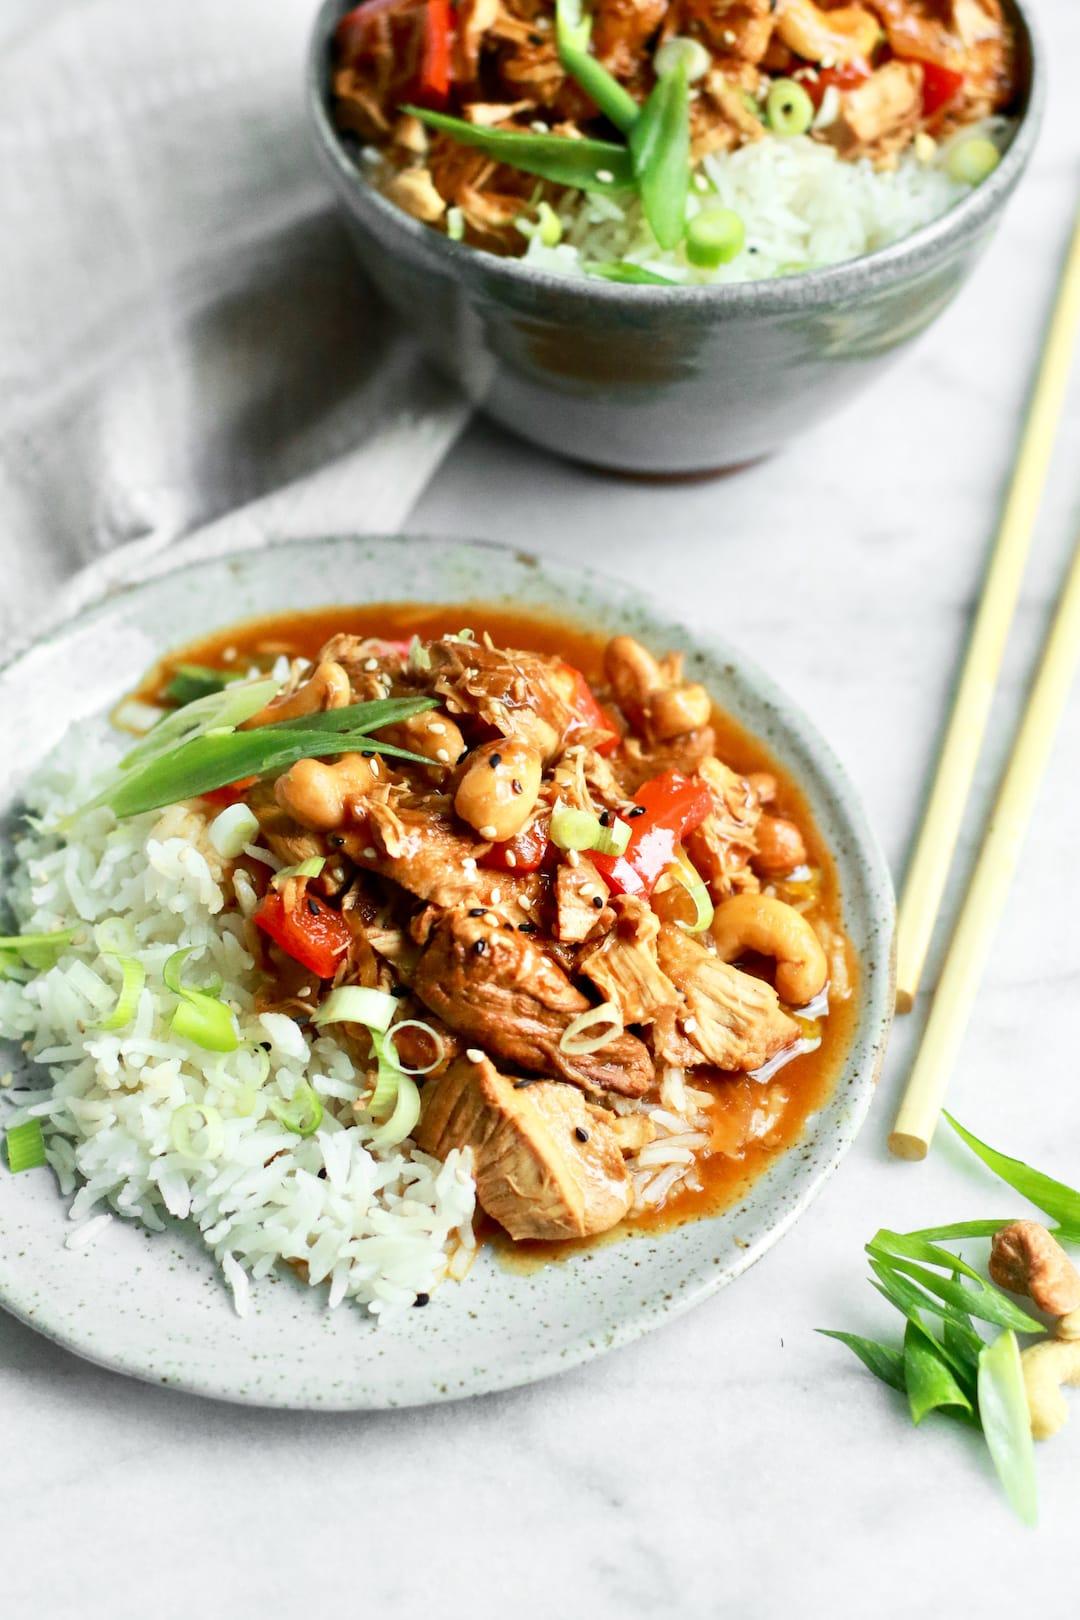 Delicious Easy Healthy Crockpot Cashew Chicken